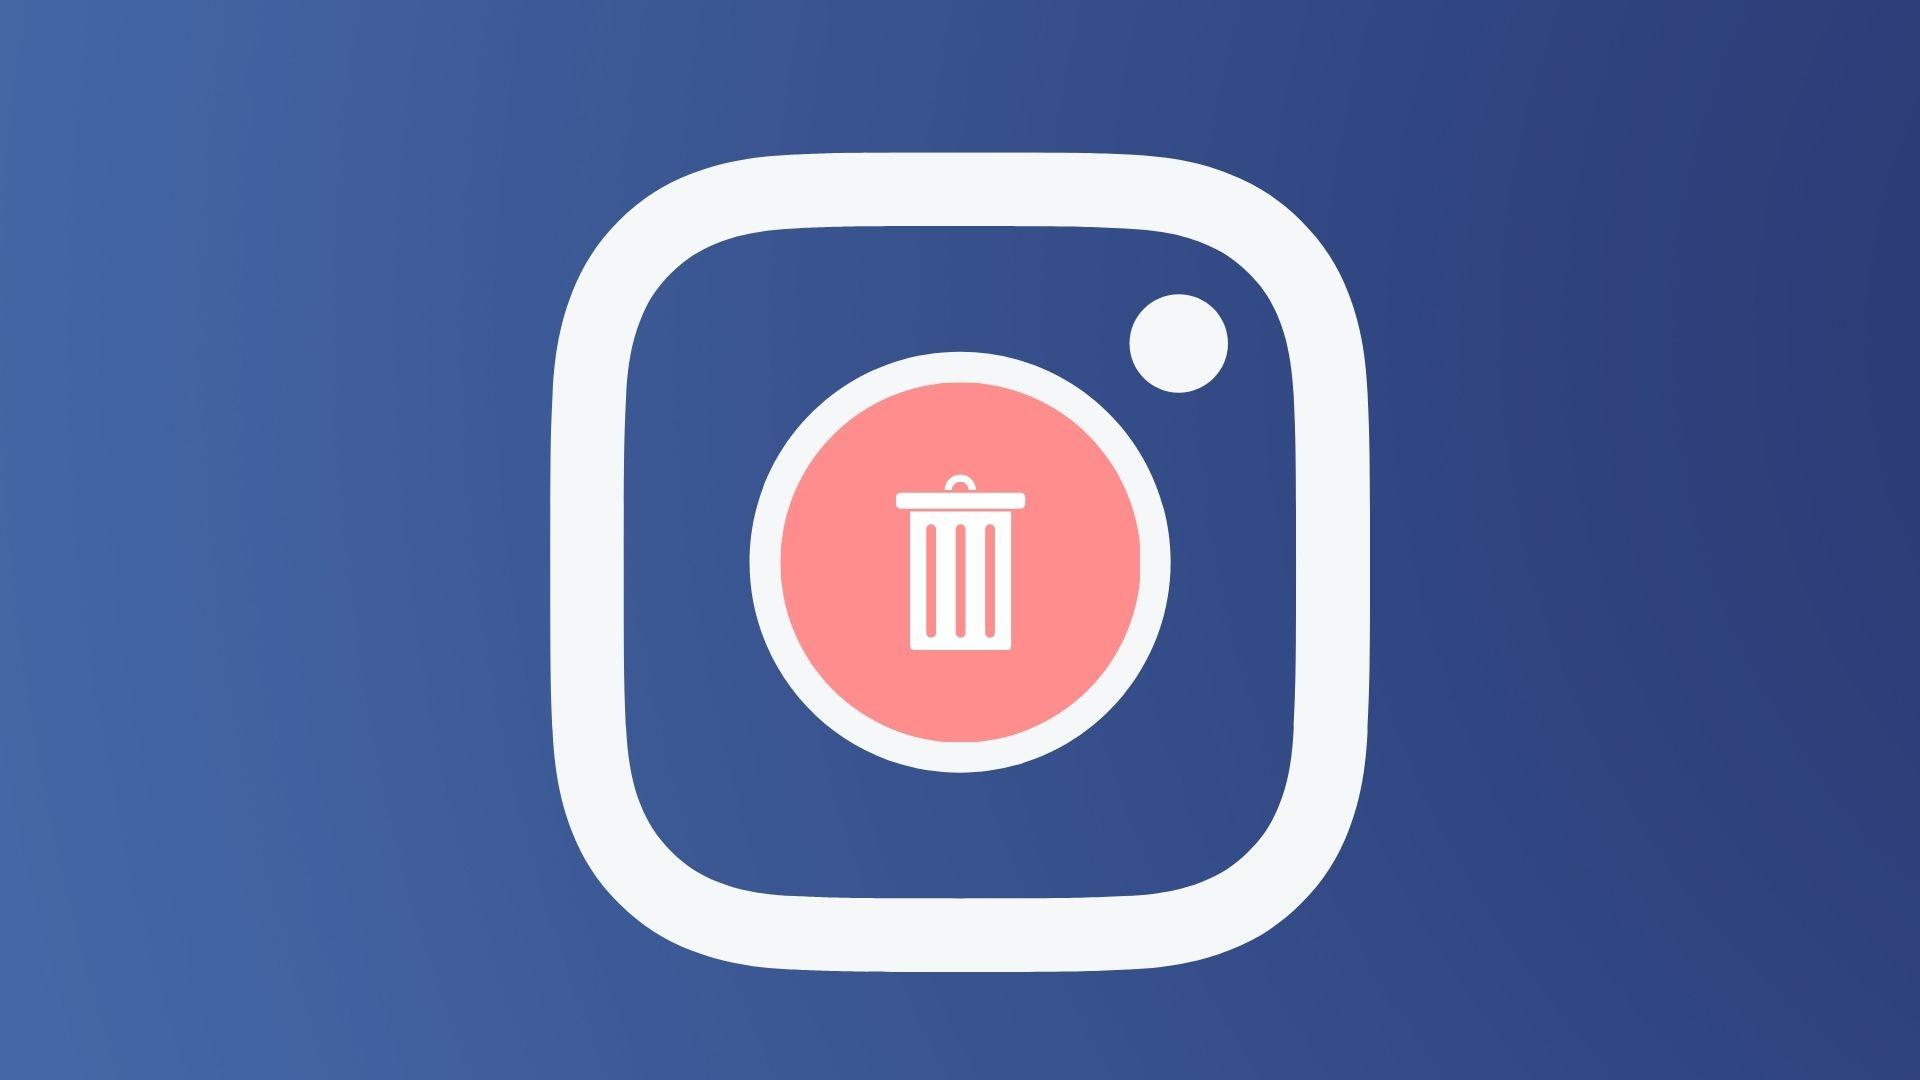 kako izbrisati Instagram nalog